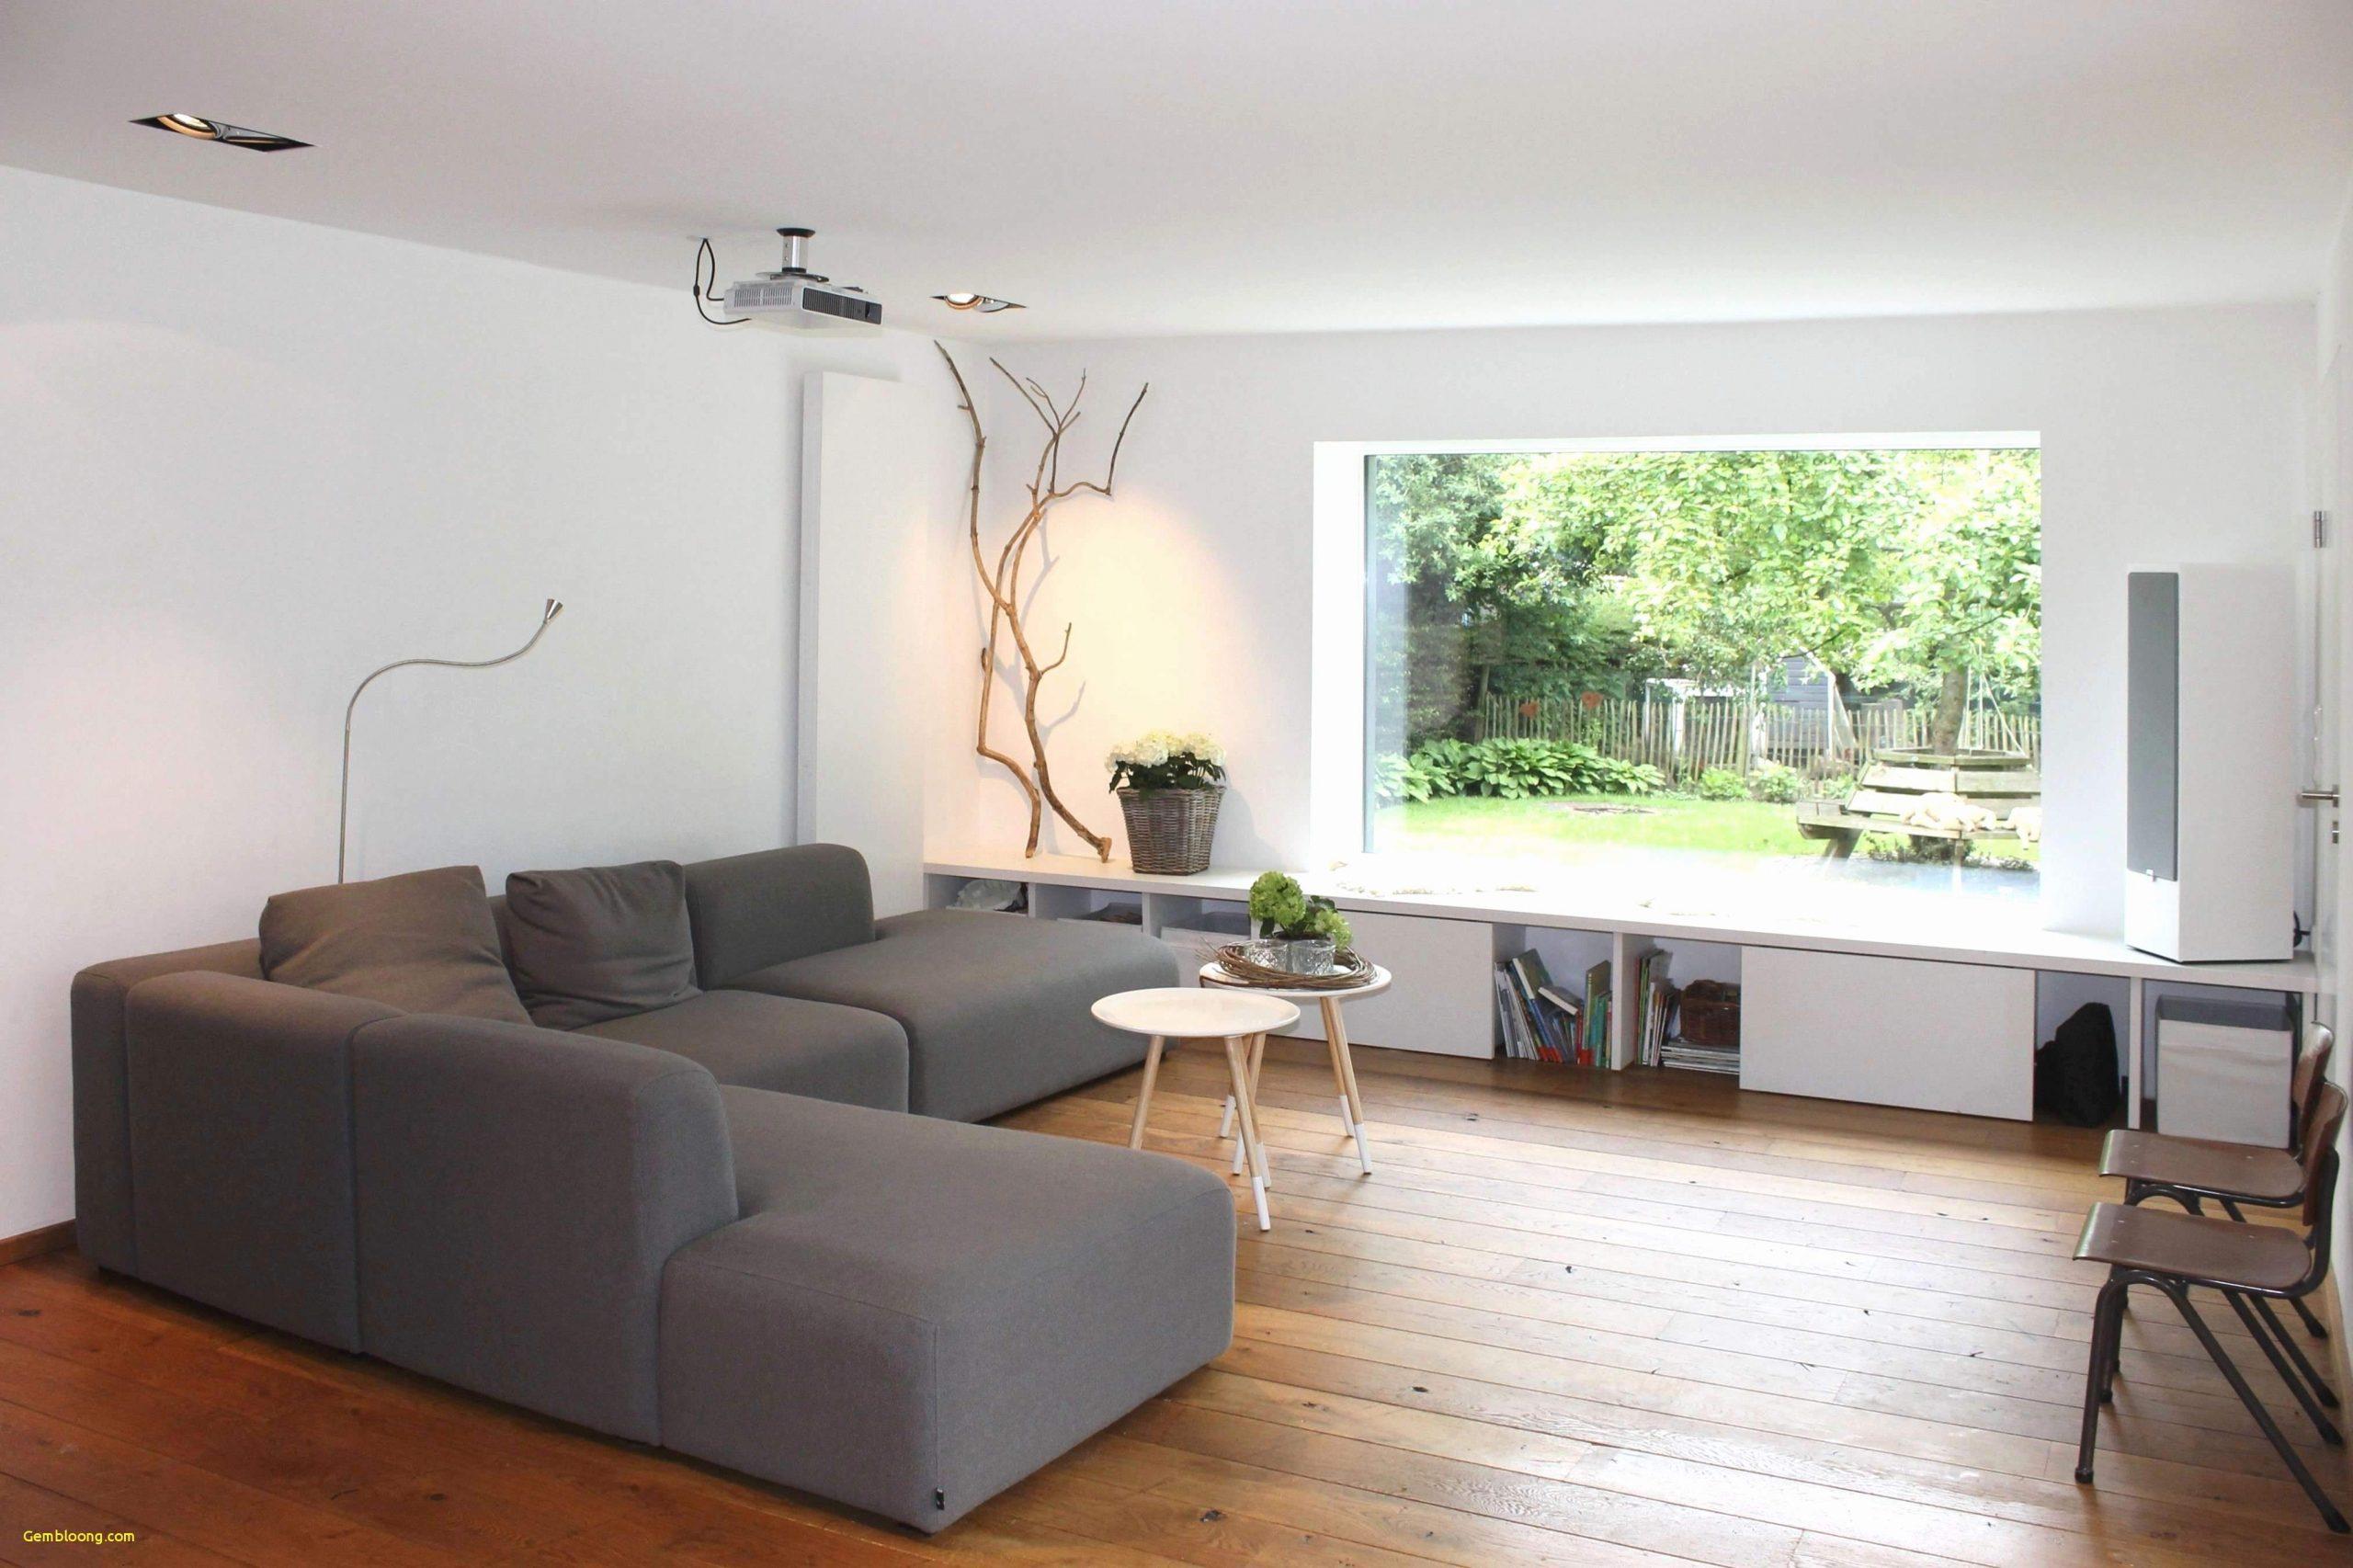 Full Size of Wohnzimmer Decke Verkleiden Schön Einzigartig Wohnzimmer Decken Ideen Wohnzimmer Wohnzimmer Decken